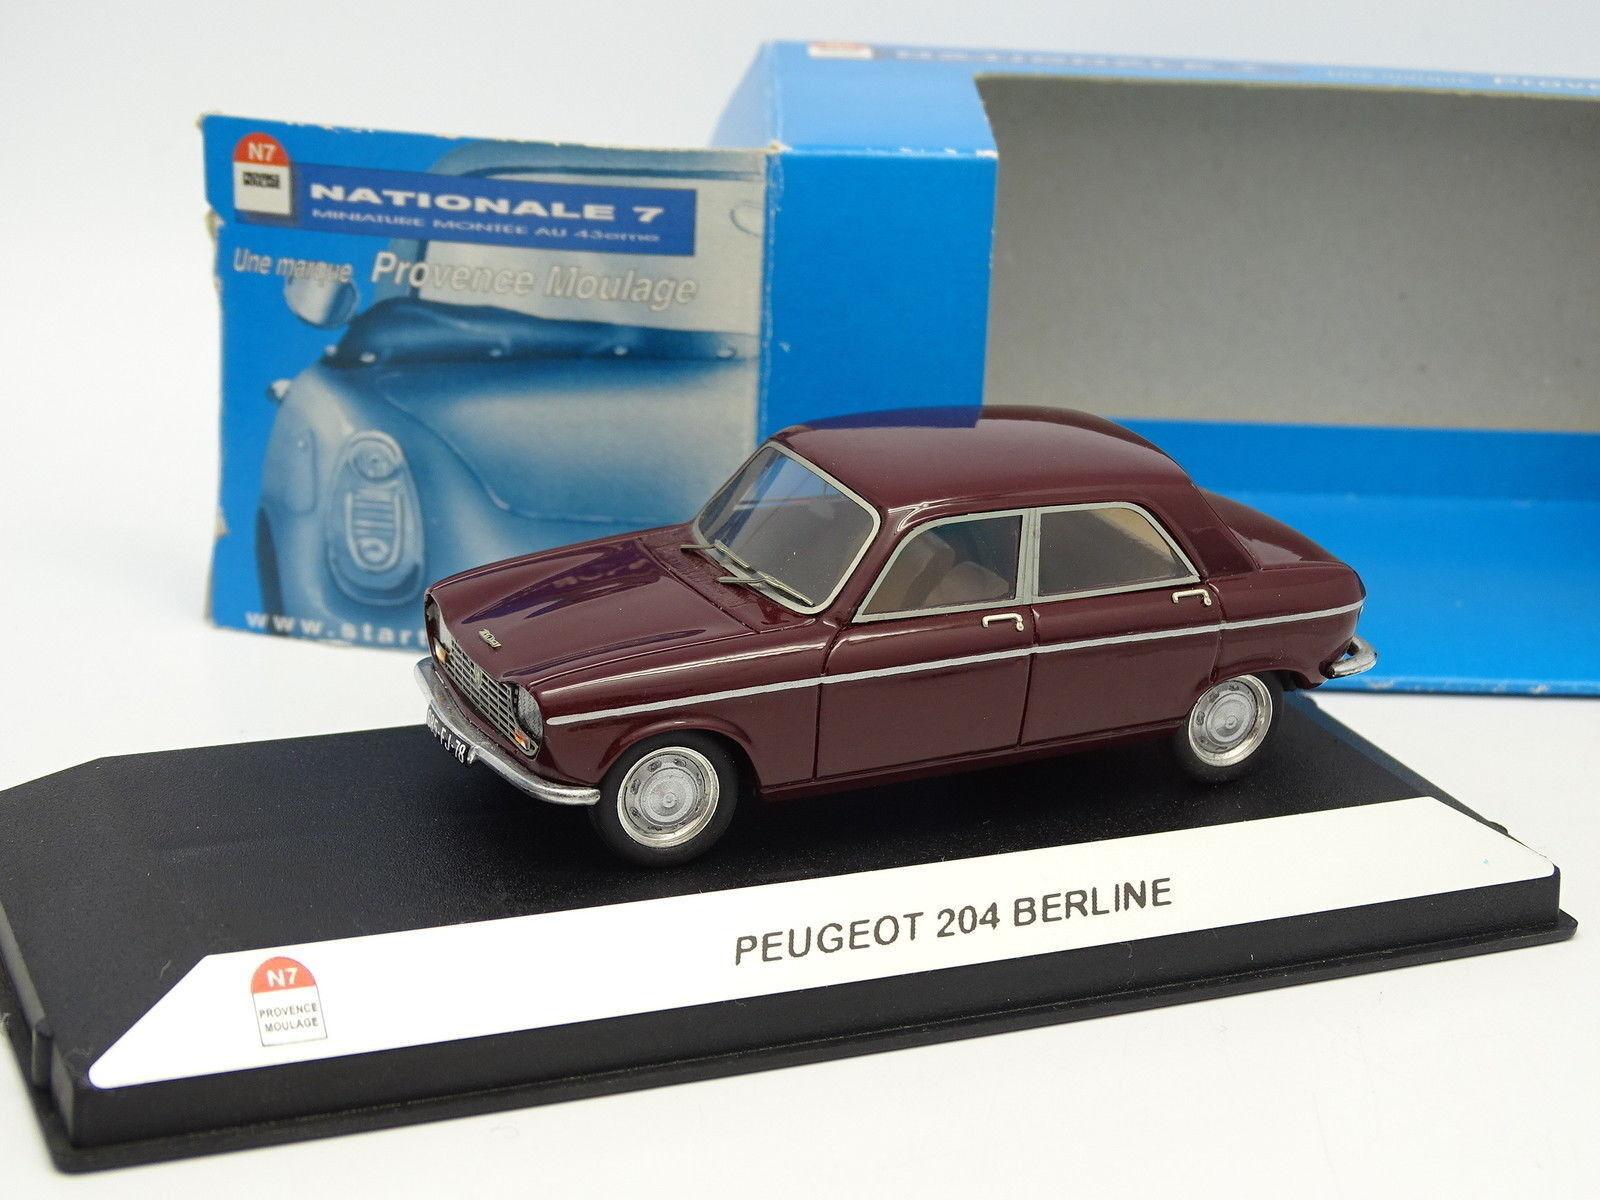 Starter N7 Provence Résine 1 43 - Peugeot 204 Berline Rouge